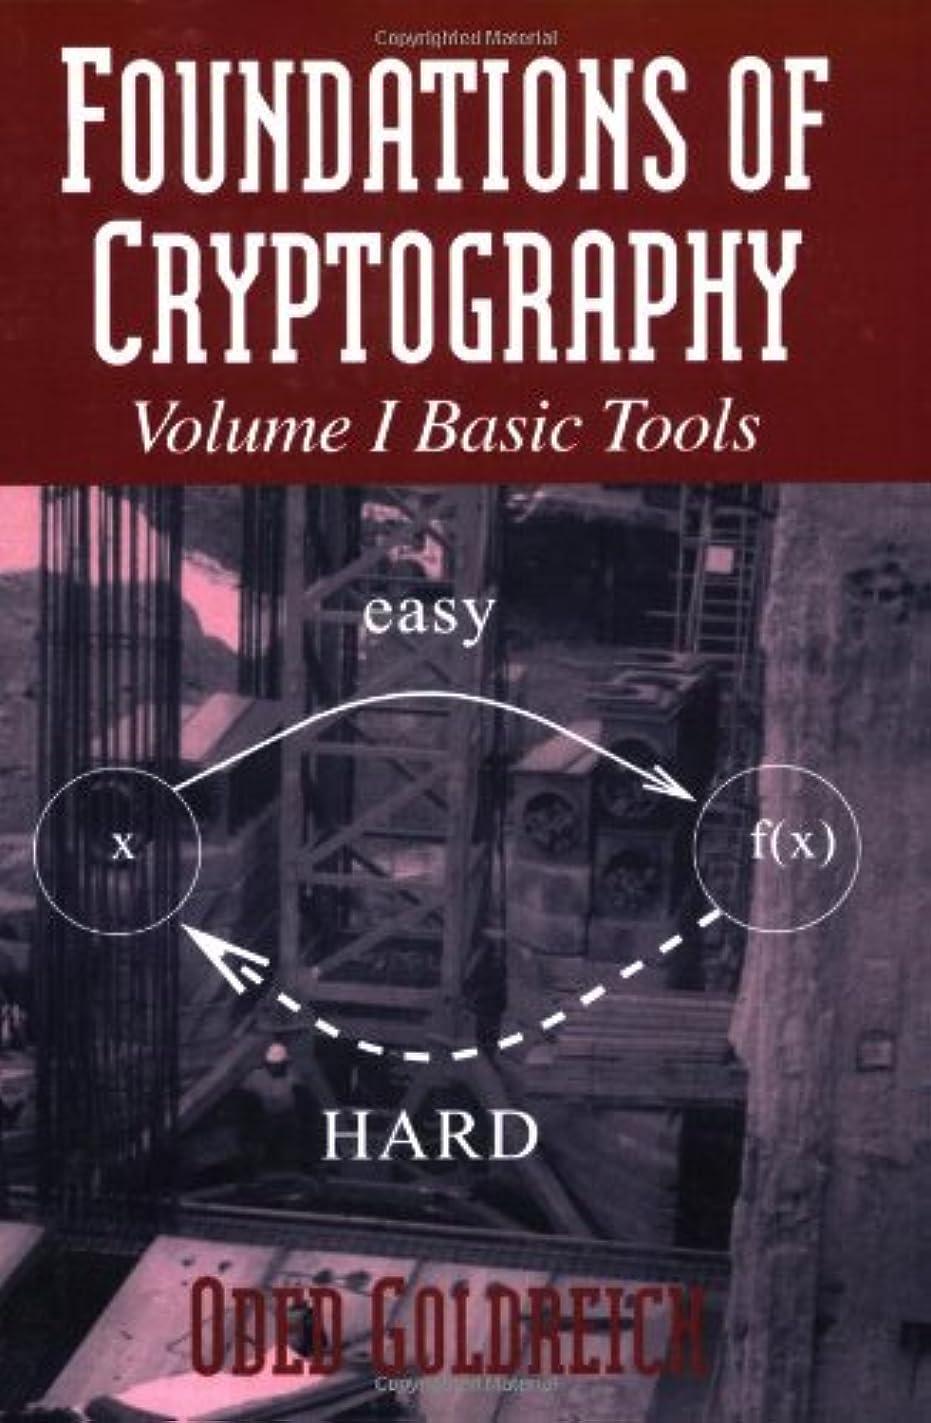 自殺発行良さFoundations of Cryptography v1